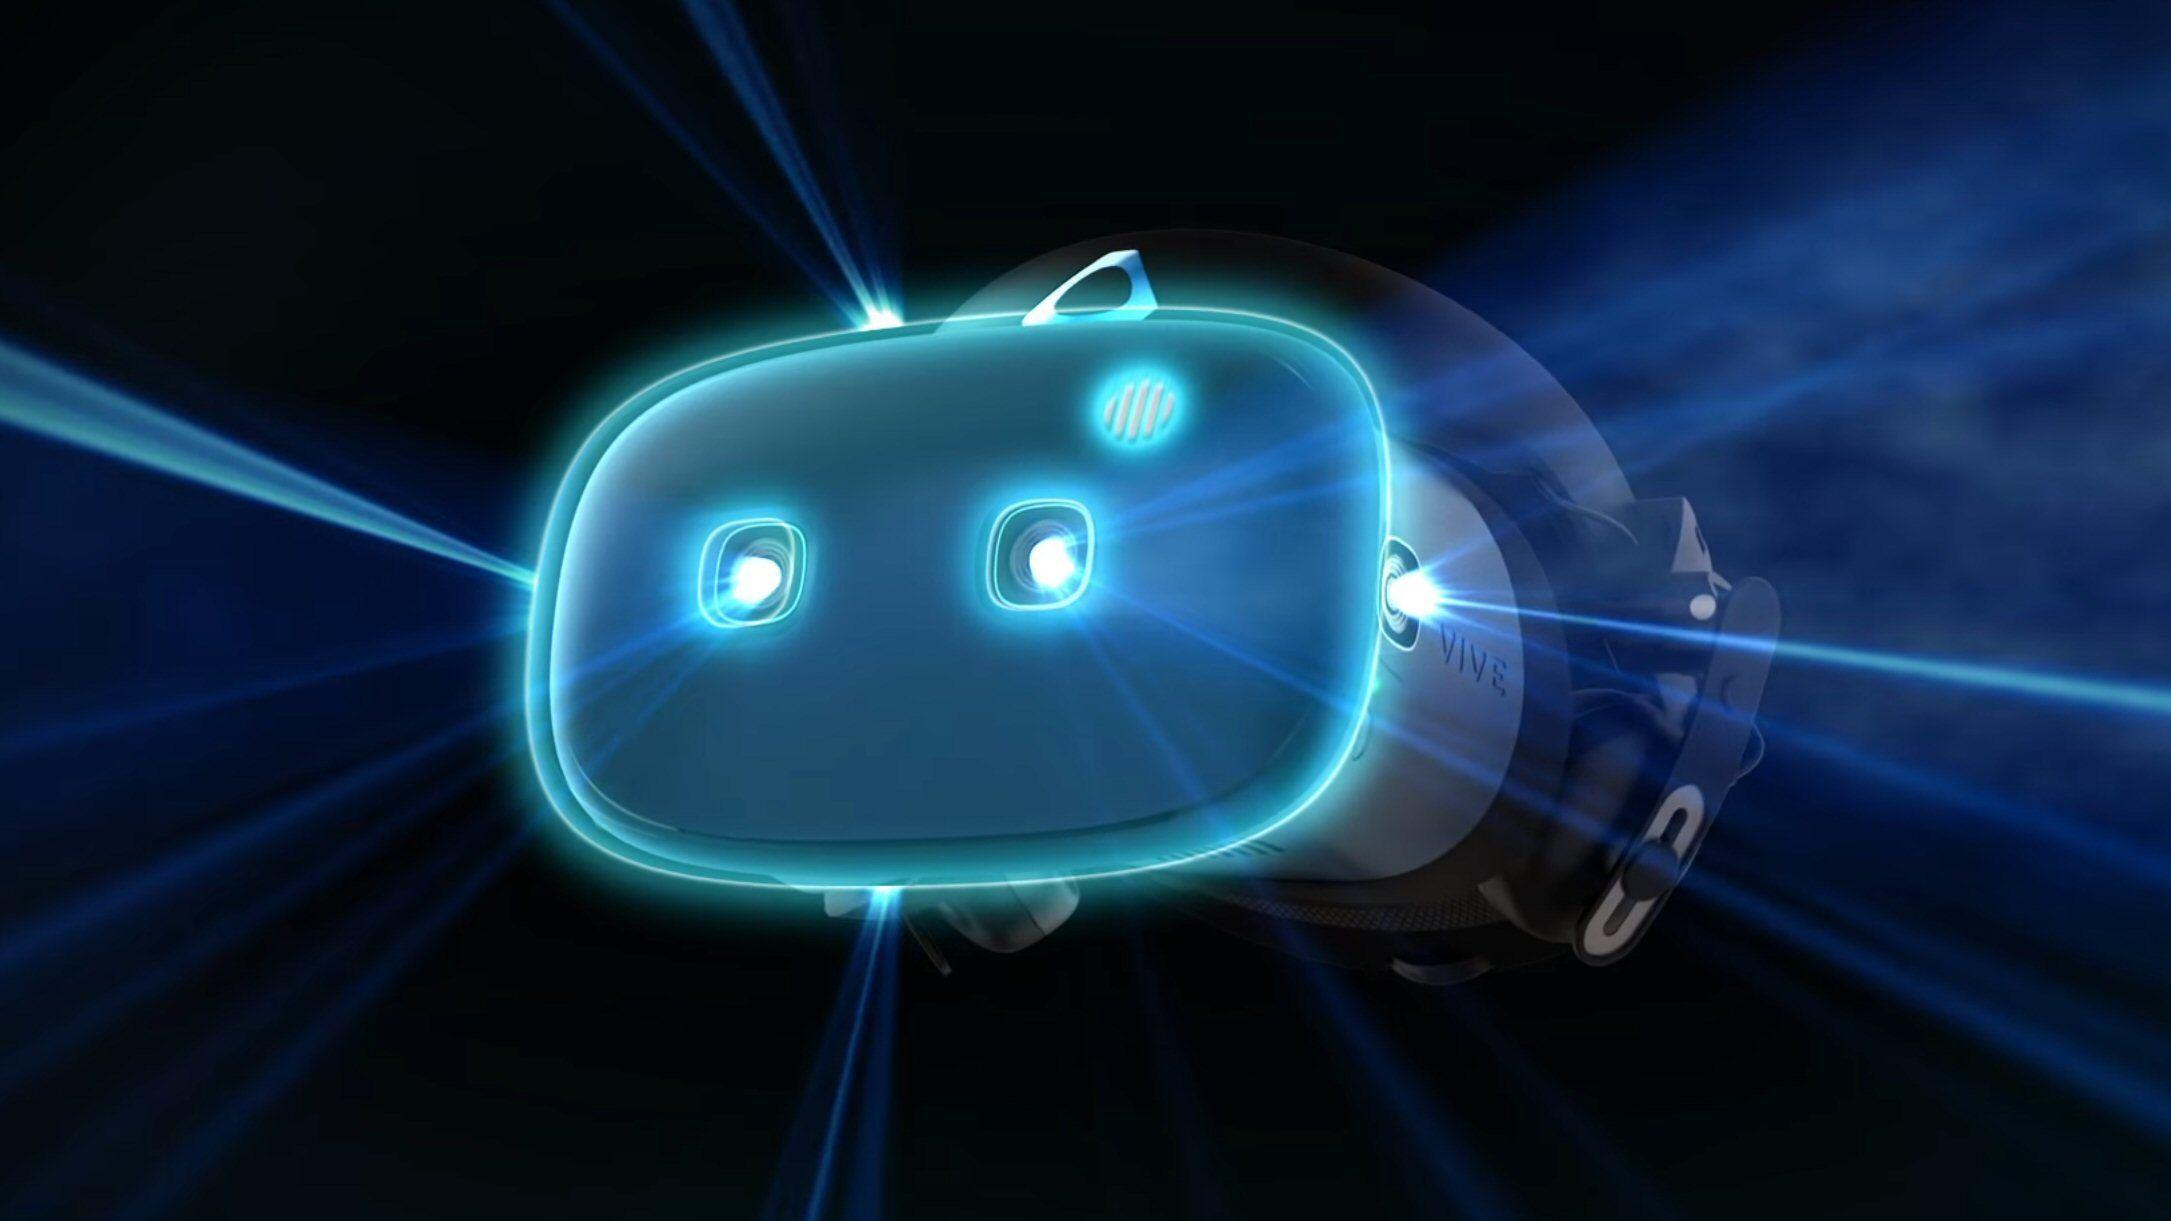 HTCs nye VR-hodesett kalles Vive Cosmos